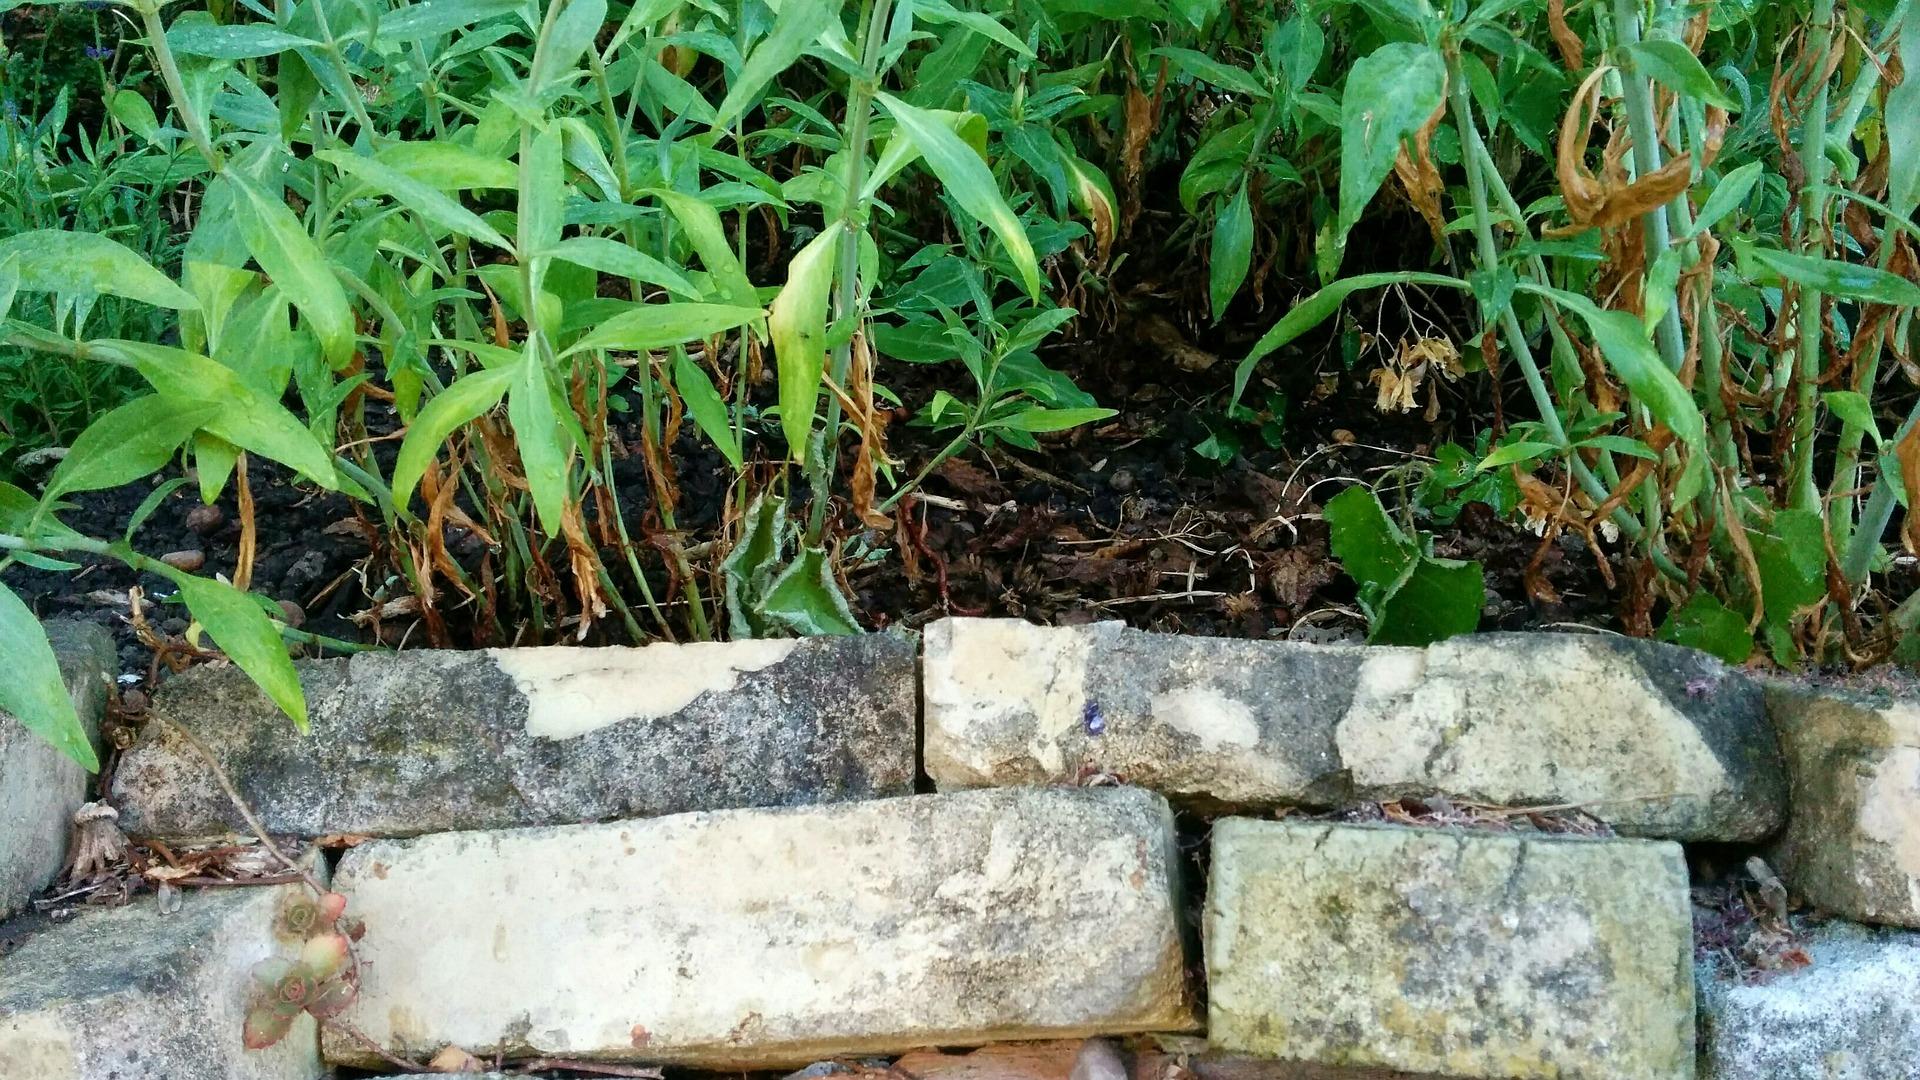 trockenmauern: aufbau und einsatzbereiche › garten- und